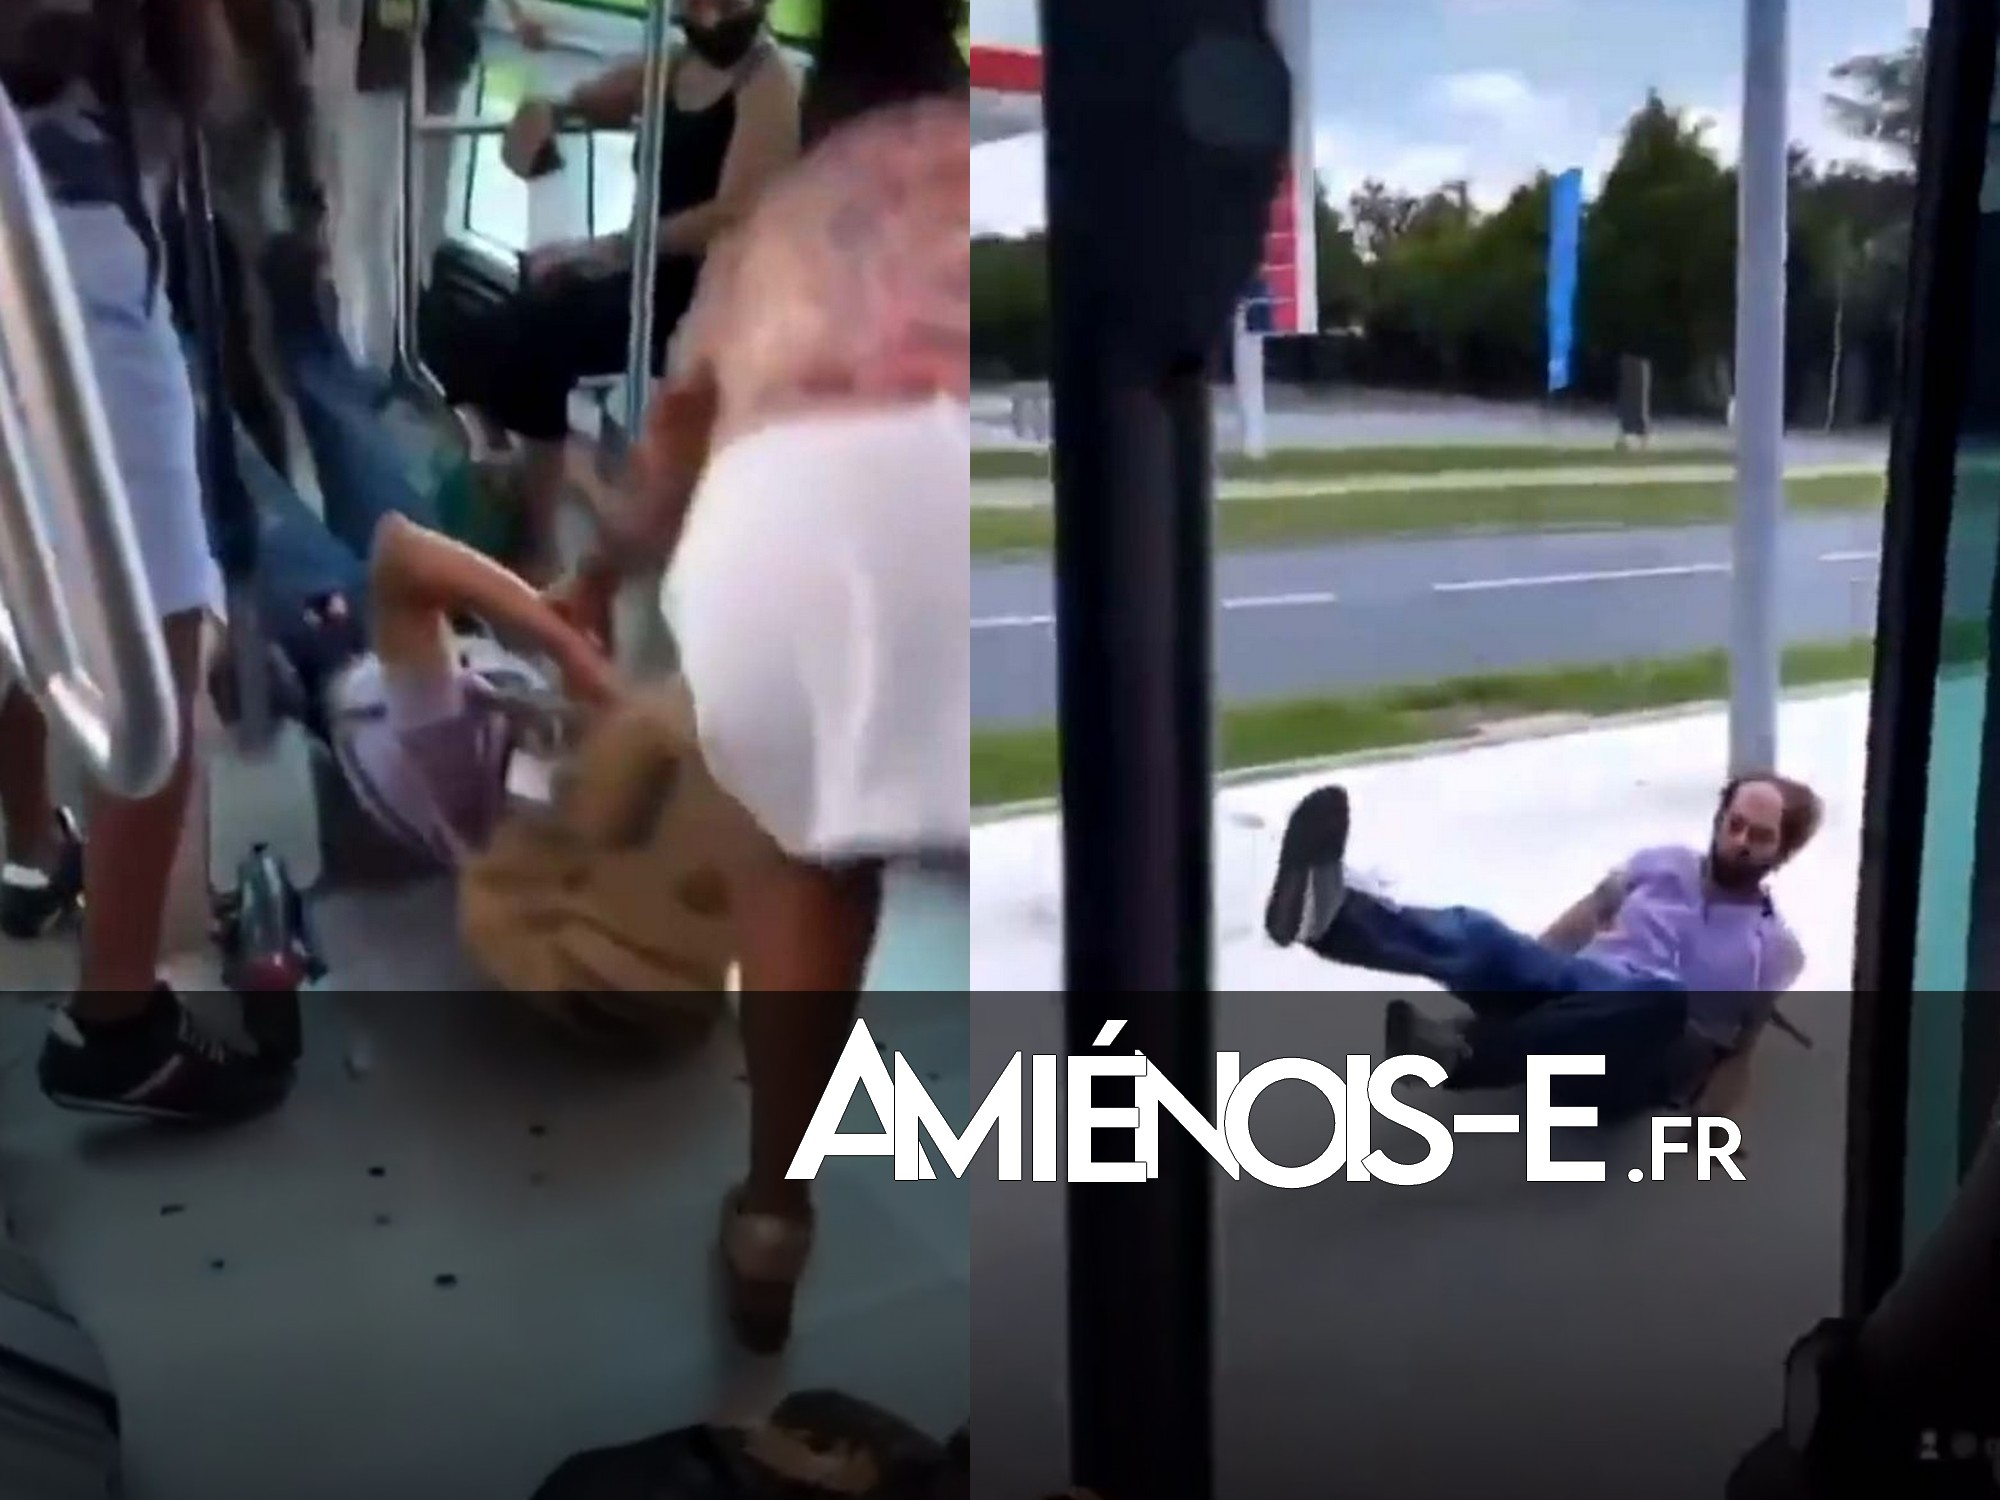 Racisme et violence, une dispute dans le bus dégénère: il le sort par les pieds